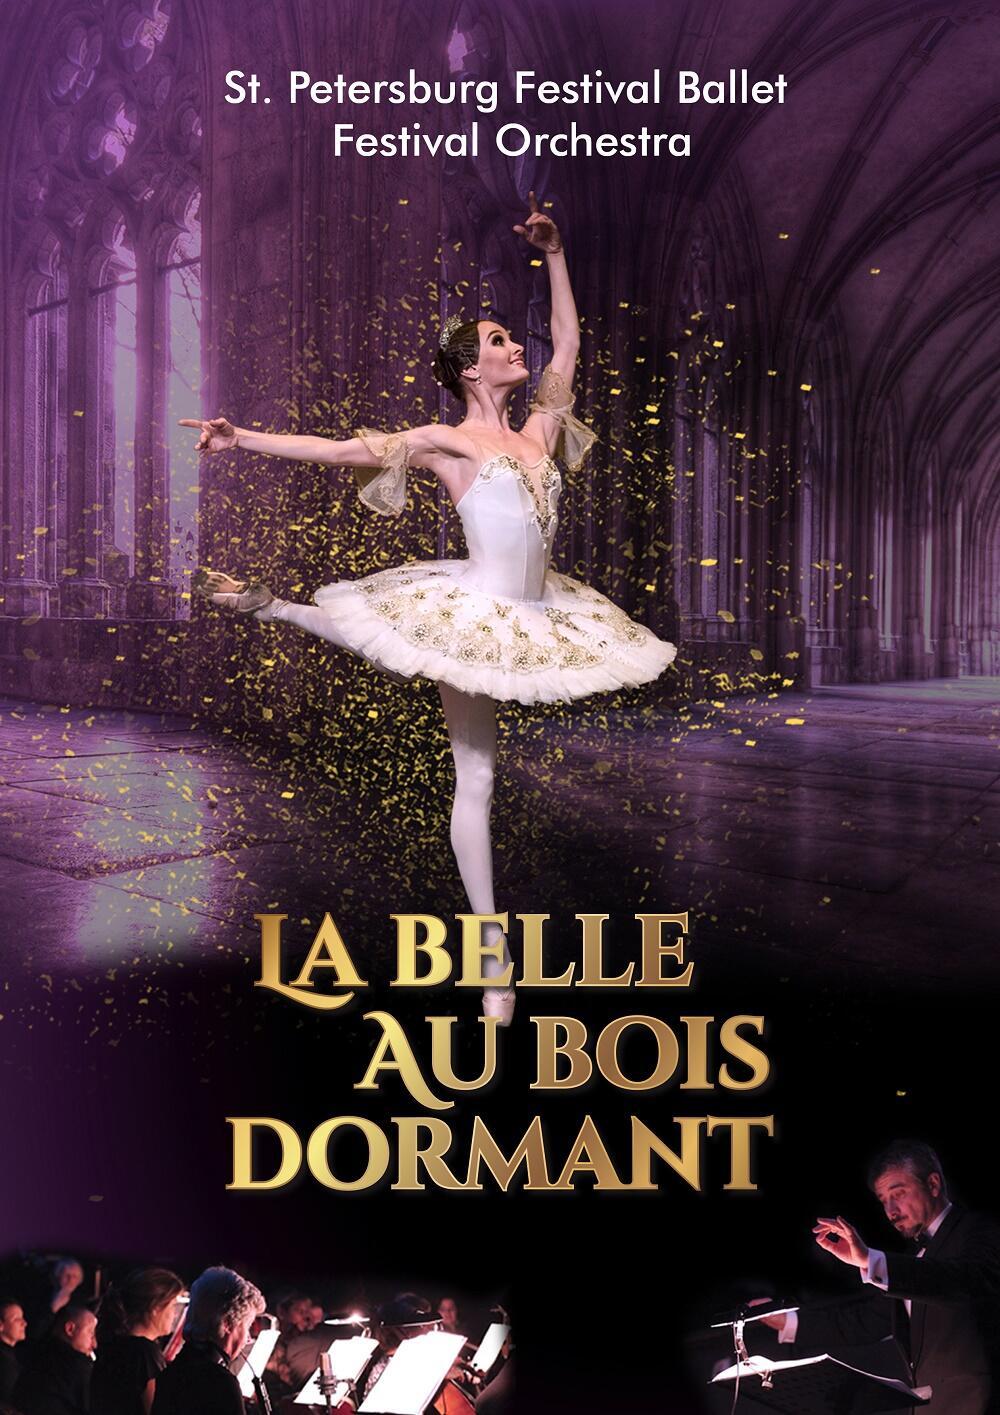 belleauboisdormant_1634024748